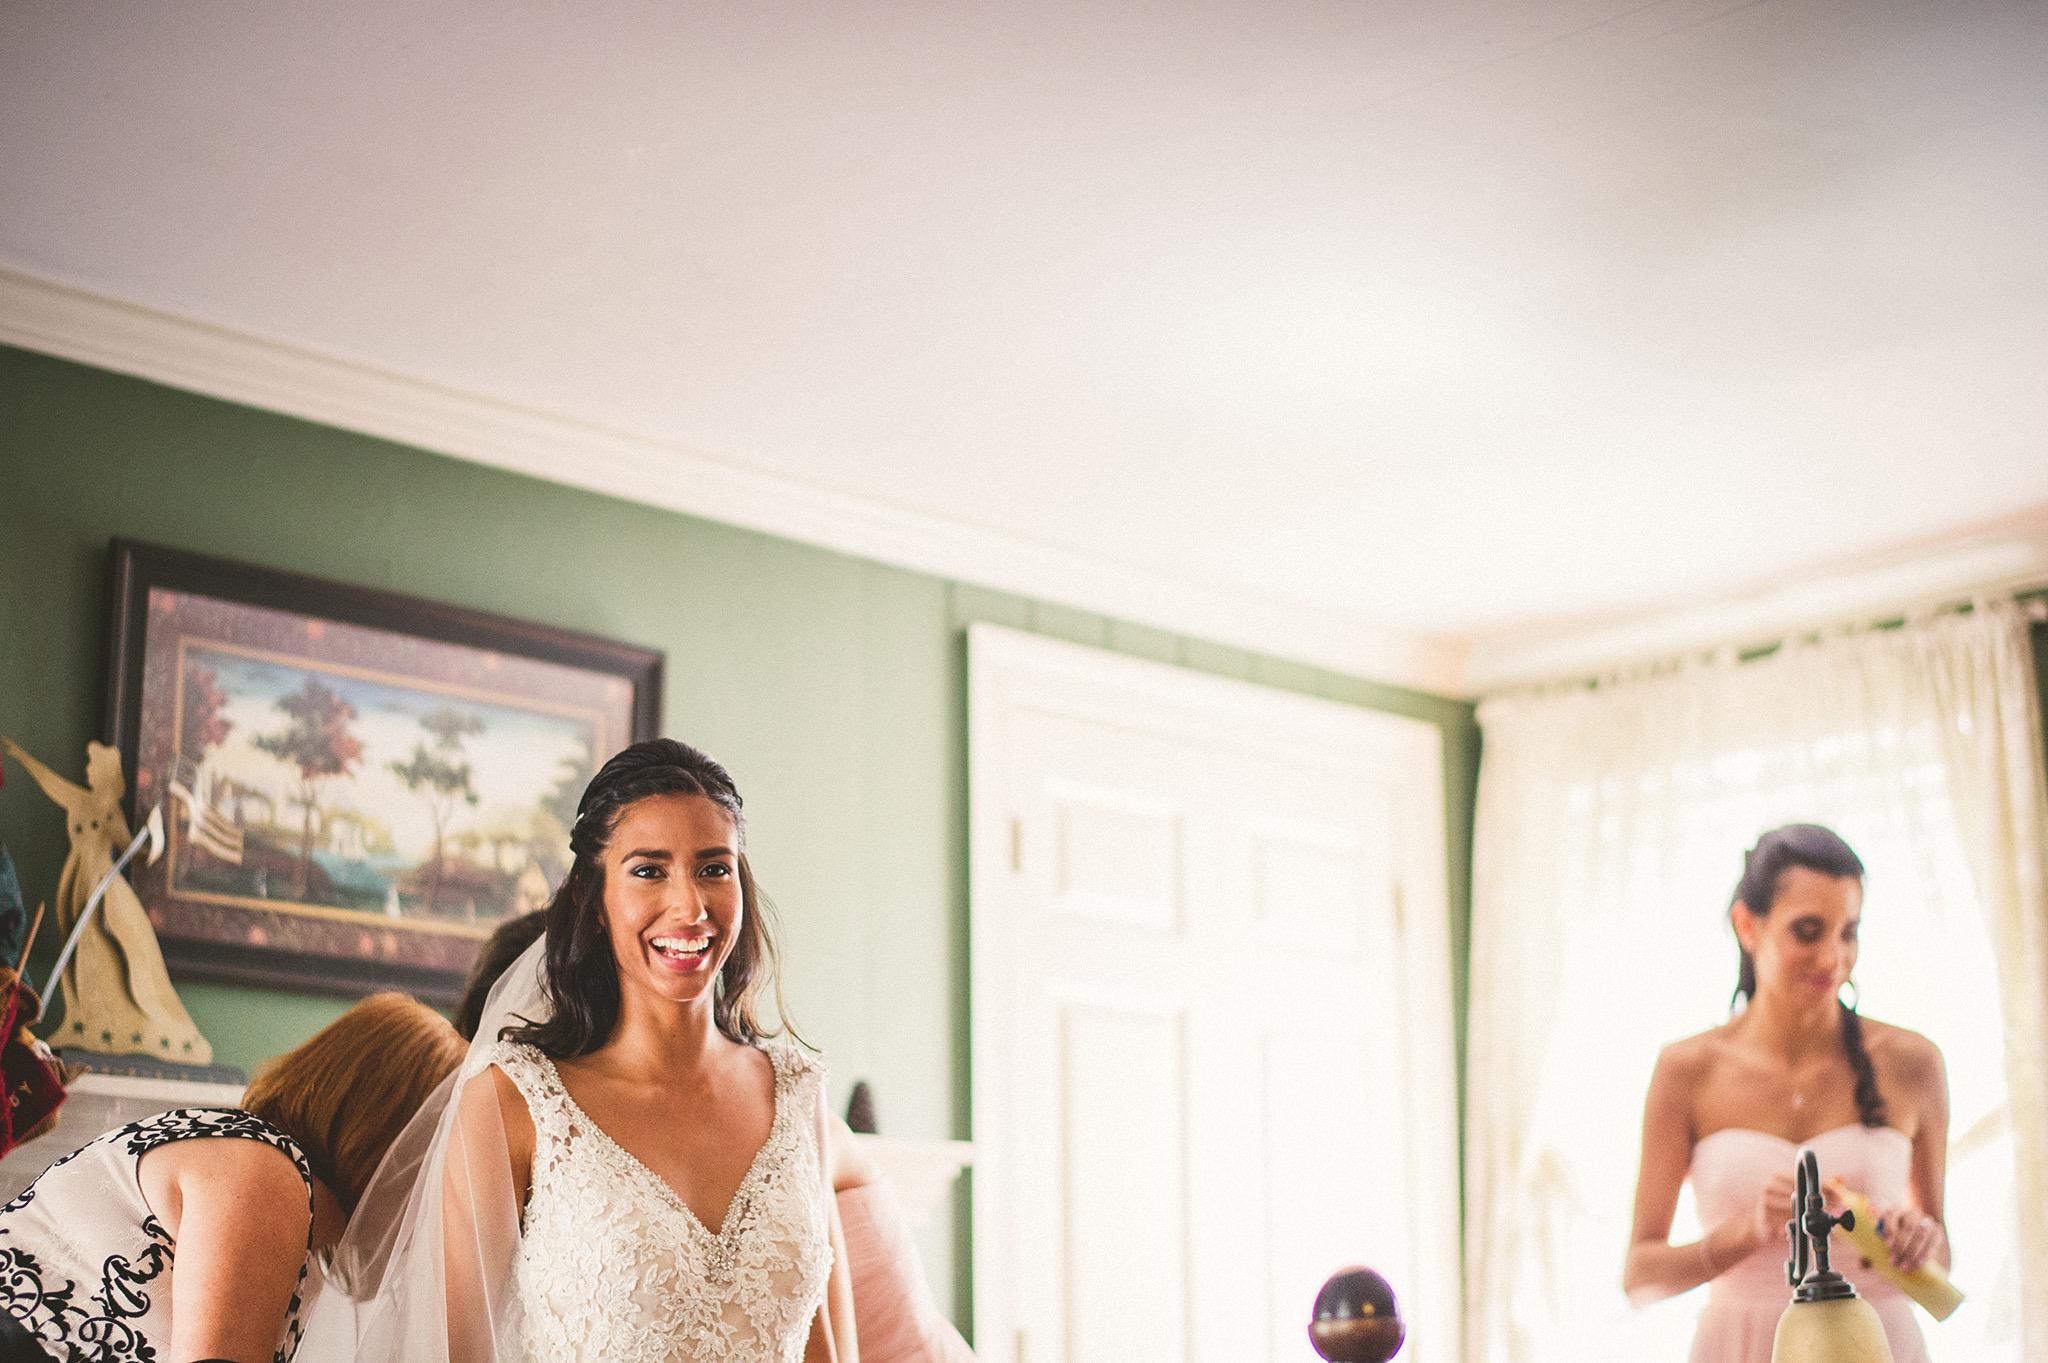 19-bride-candid-photos.jpg